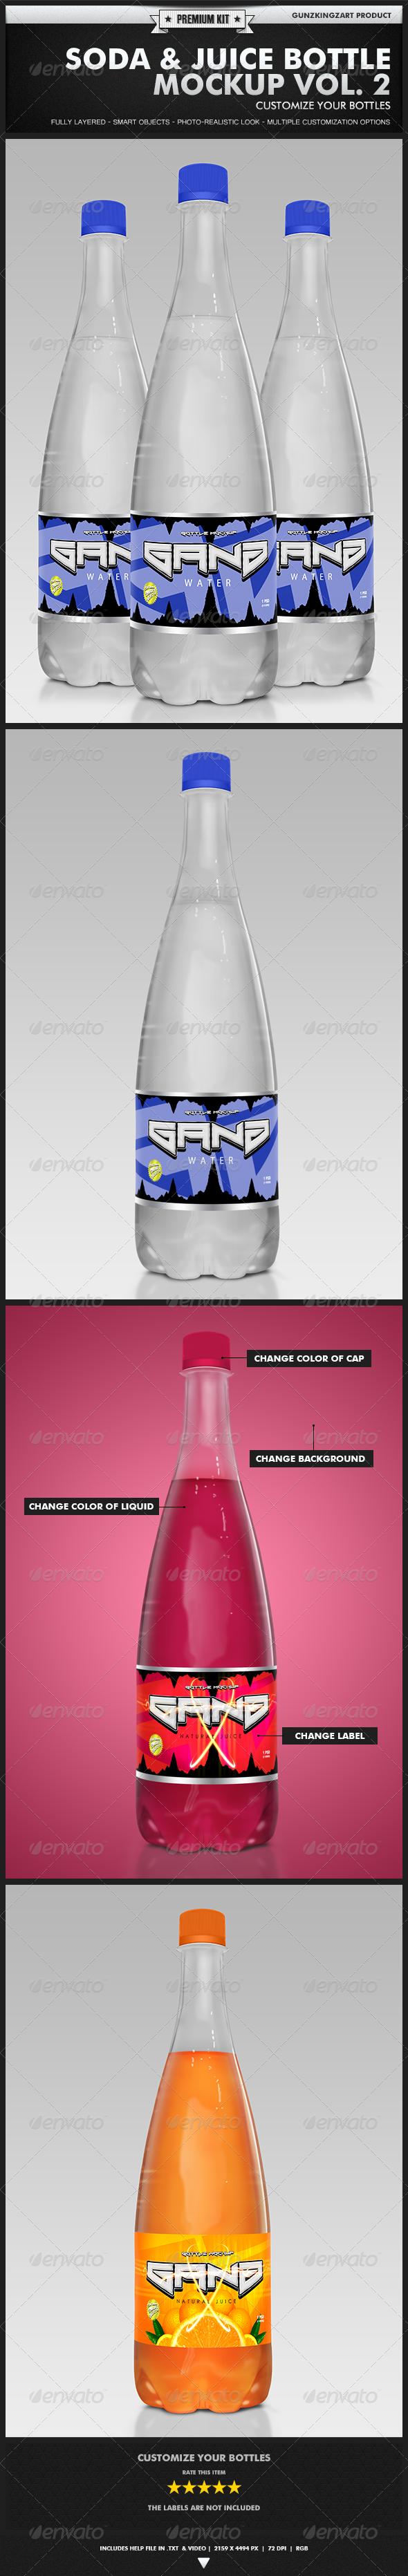 GraphicRiver Soda & Juice Bottle Mockup Vol 2 Premium Kit 4734219